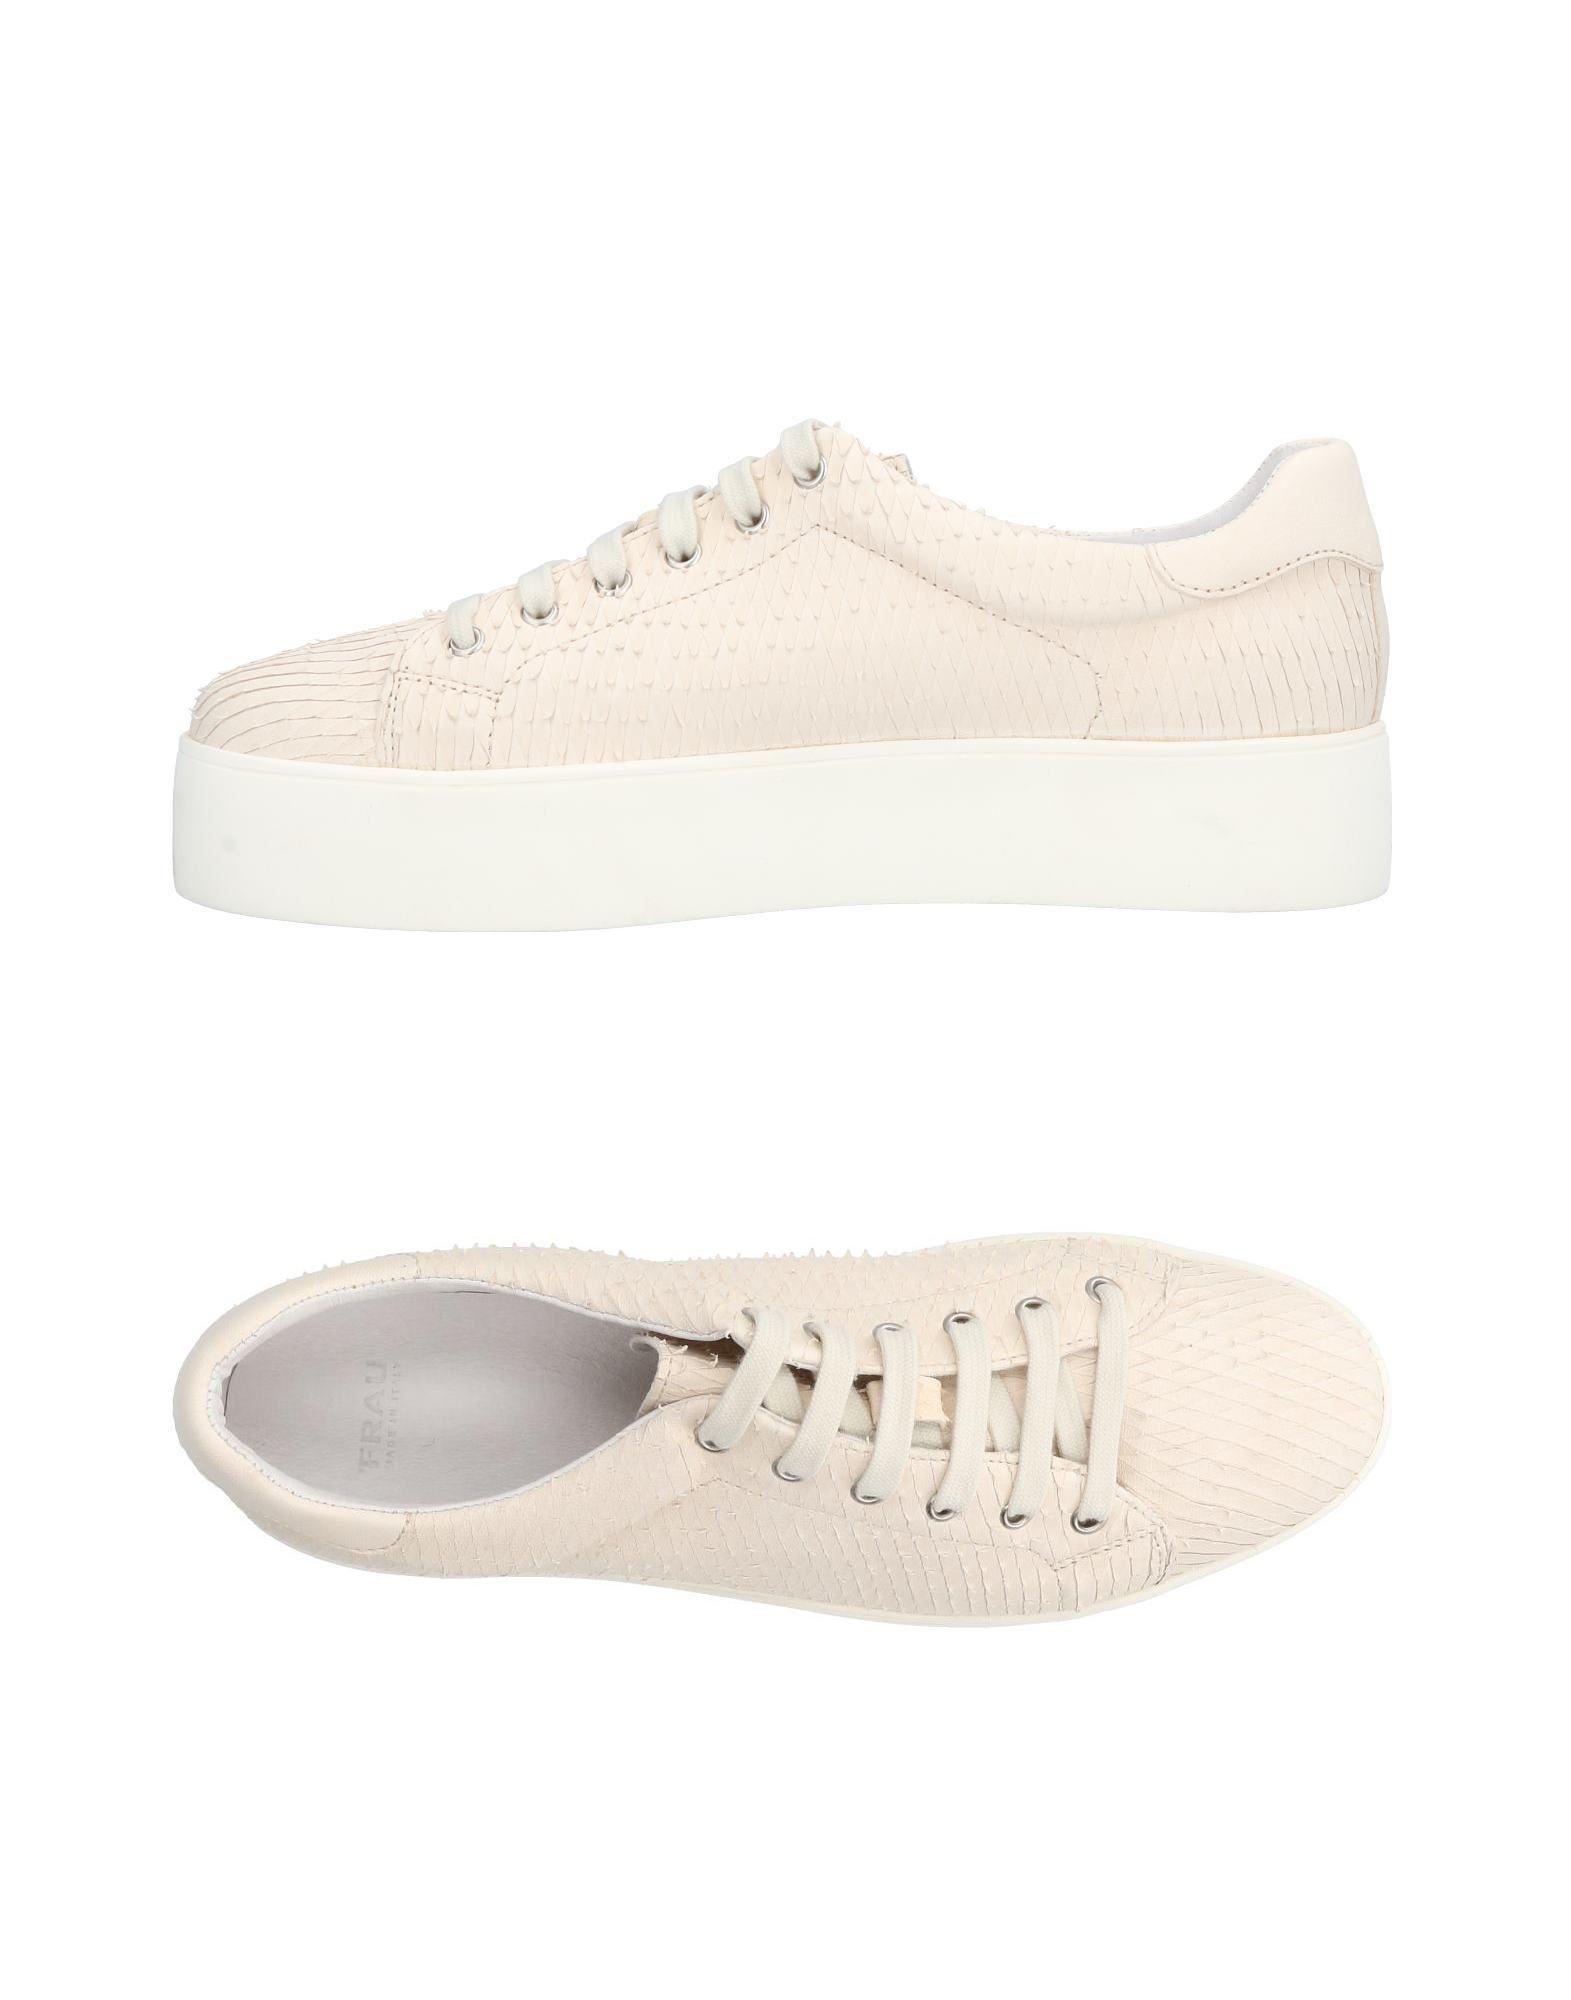 Frau Sneakers Damen  11438226QV Gute Qualität beliebte Schuhe Schuhe Schuhe 52fe86